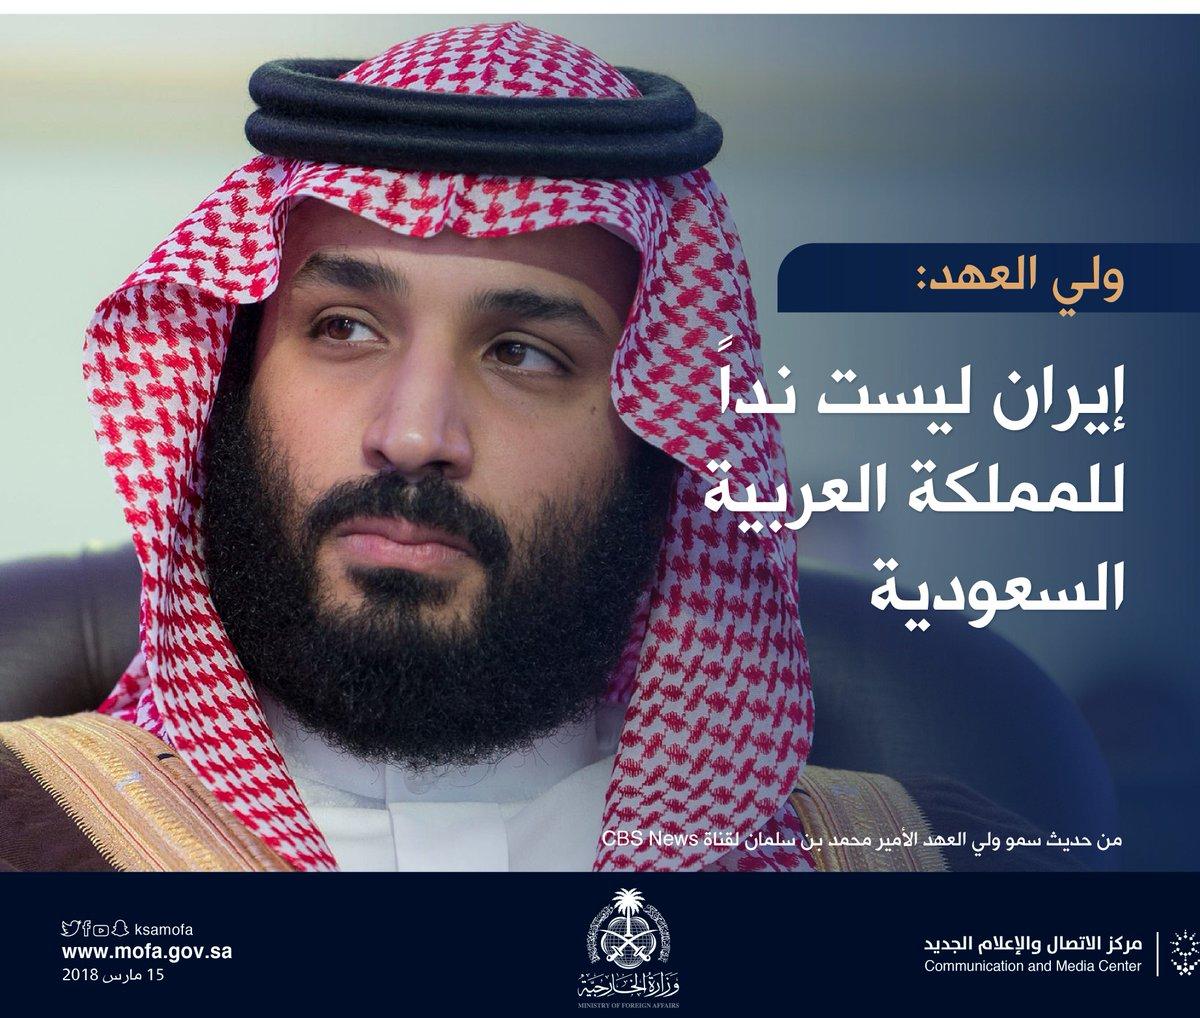 إيران ليست نداً للمملكة العربية السعودية...